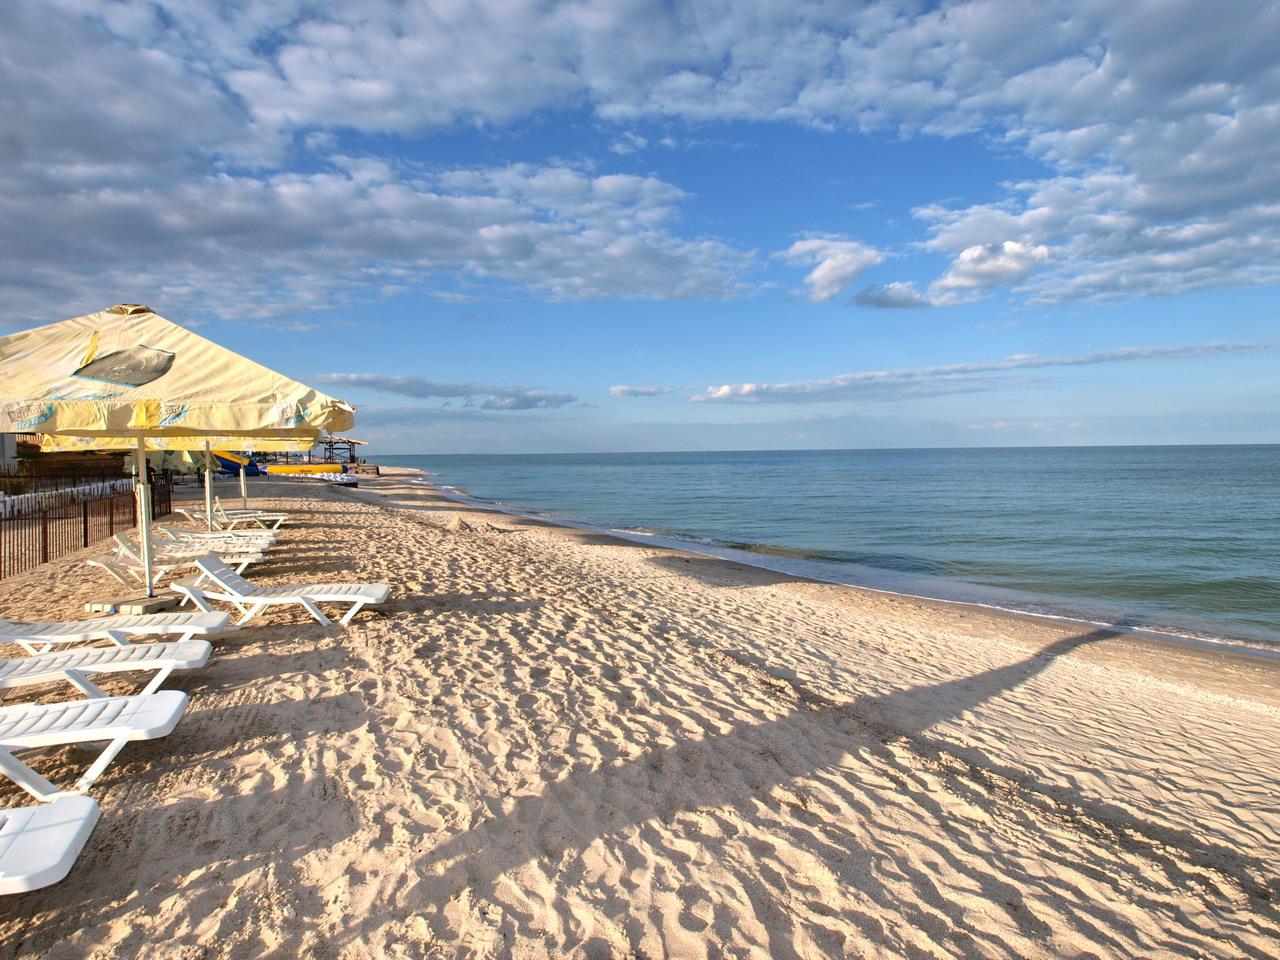 Море без медуз: как выбрать комфортный курорт на Азове для яркого отдыха летом